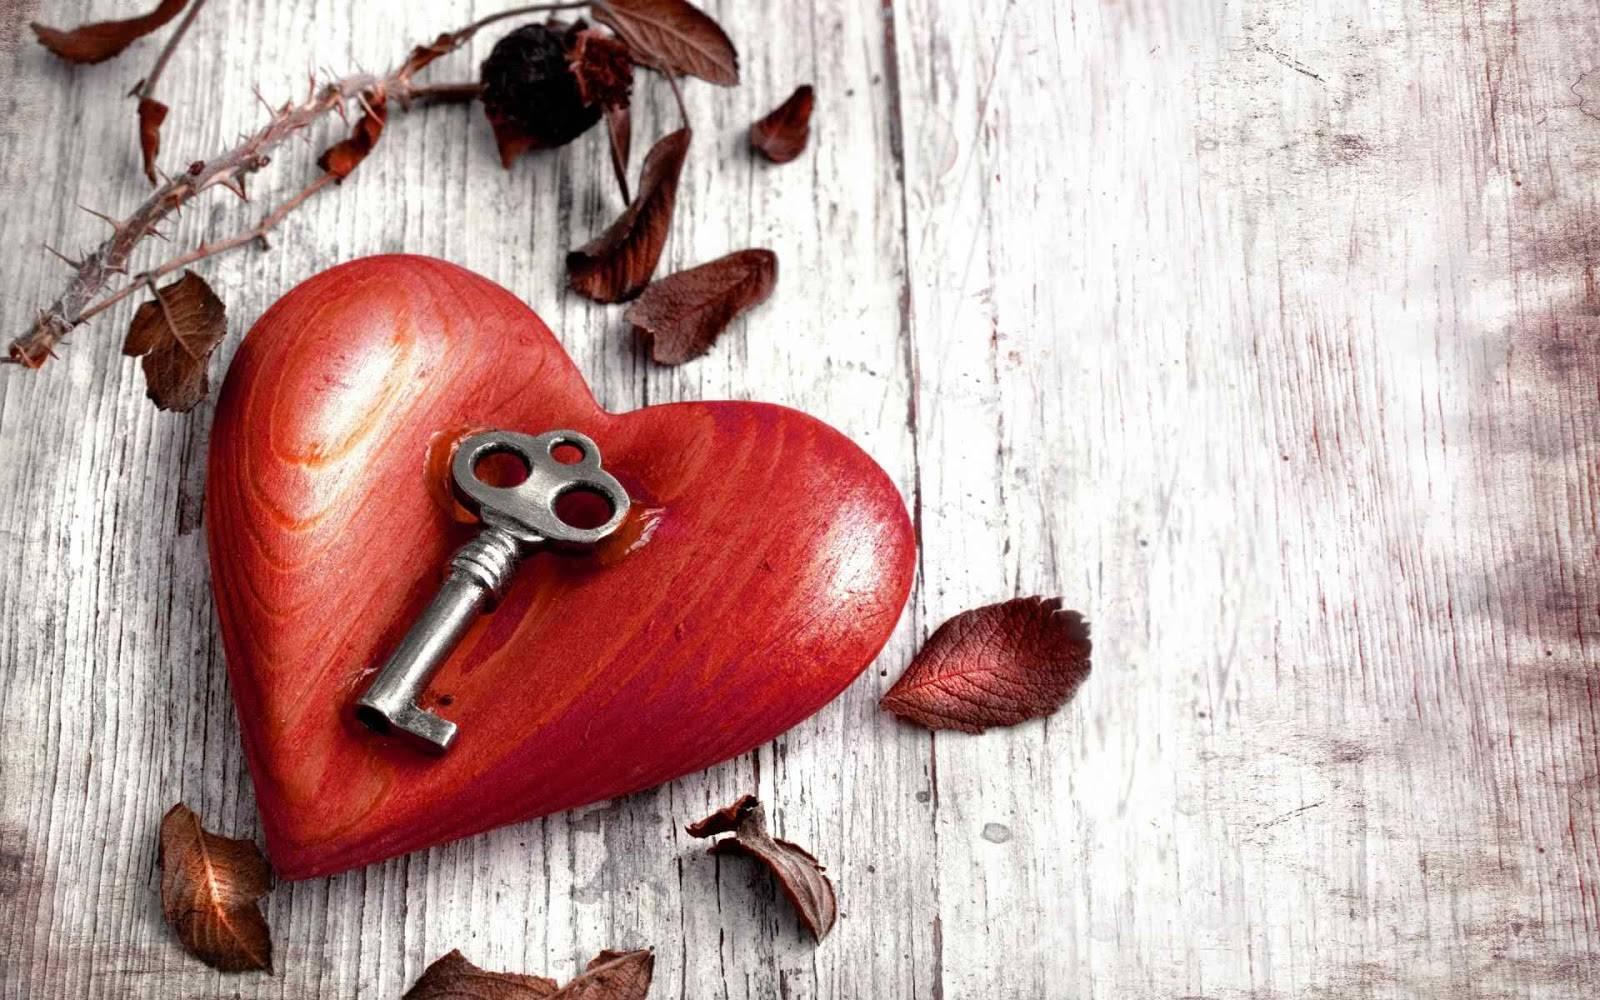 Остуда на себя — как разлюбить человека при помощи магии